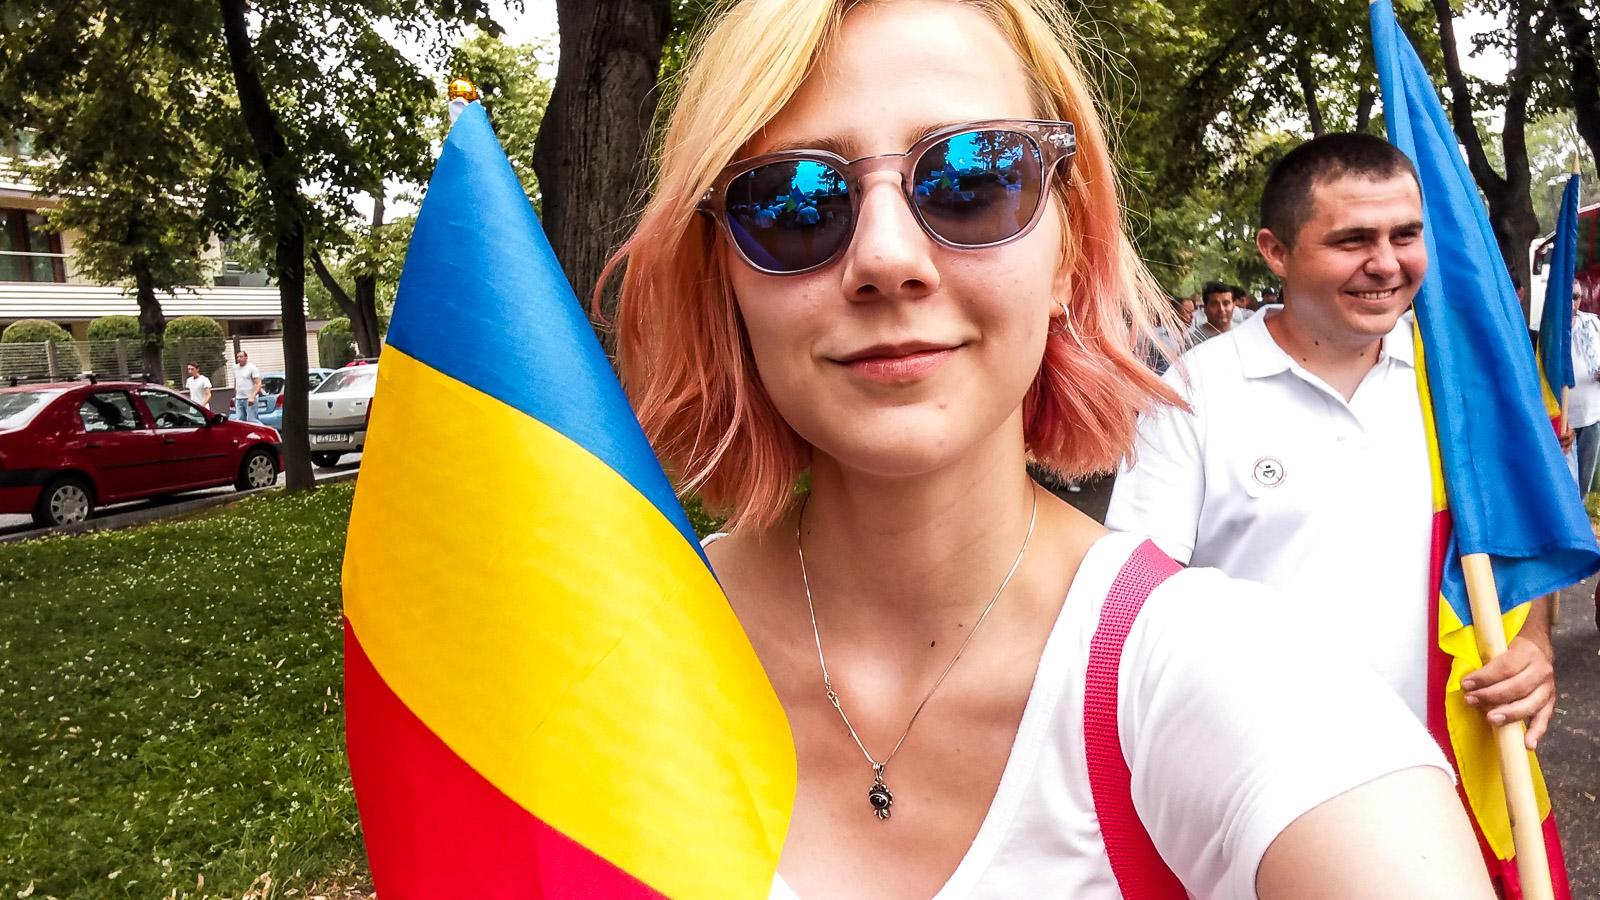 Dragnea - Cine va pierde de pe urma mitingului PSD-ALDE - Pagina 2 1528640088381-Miting-PSD-oamenii-din-Vaslui-11